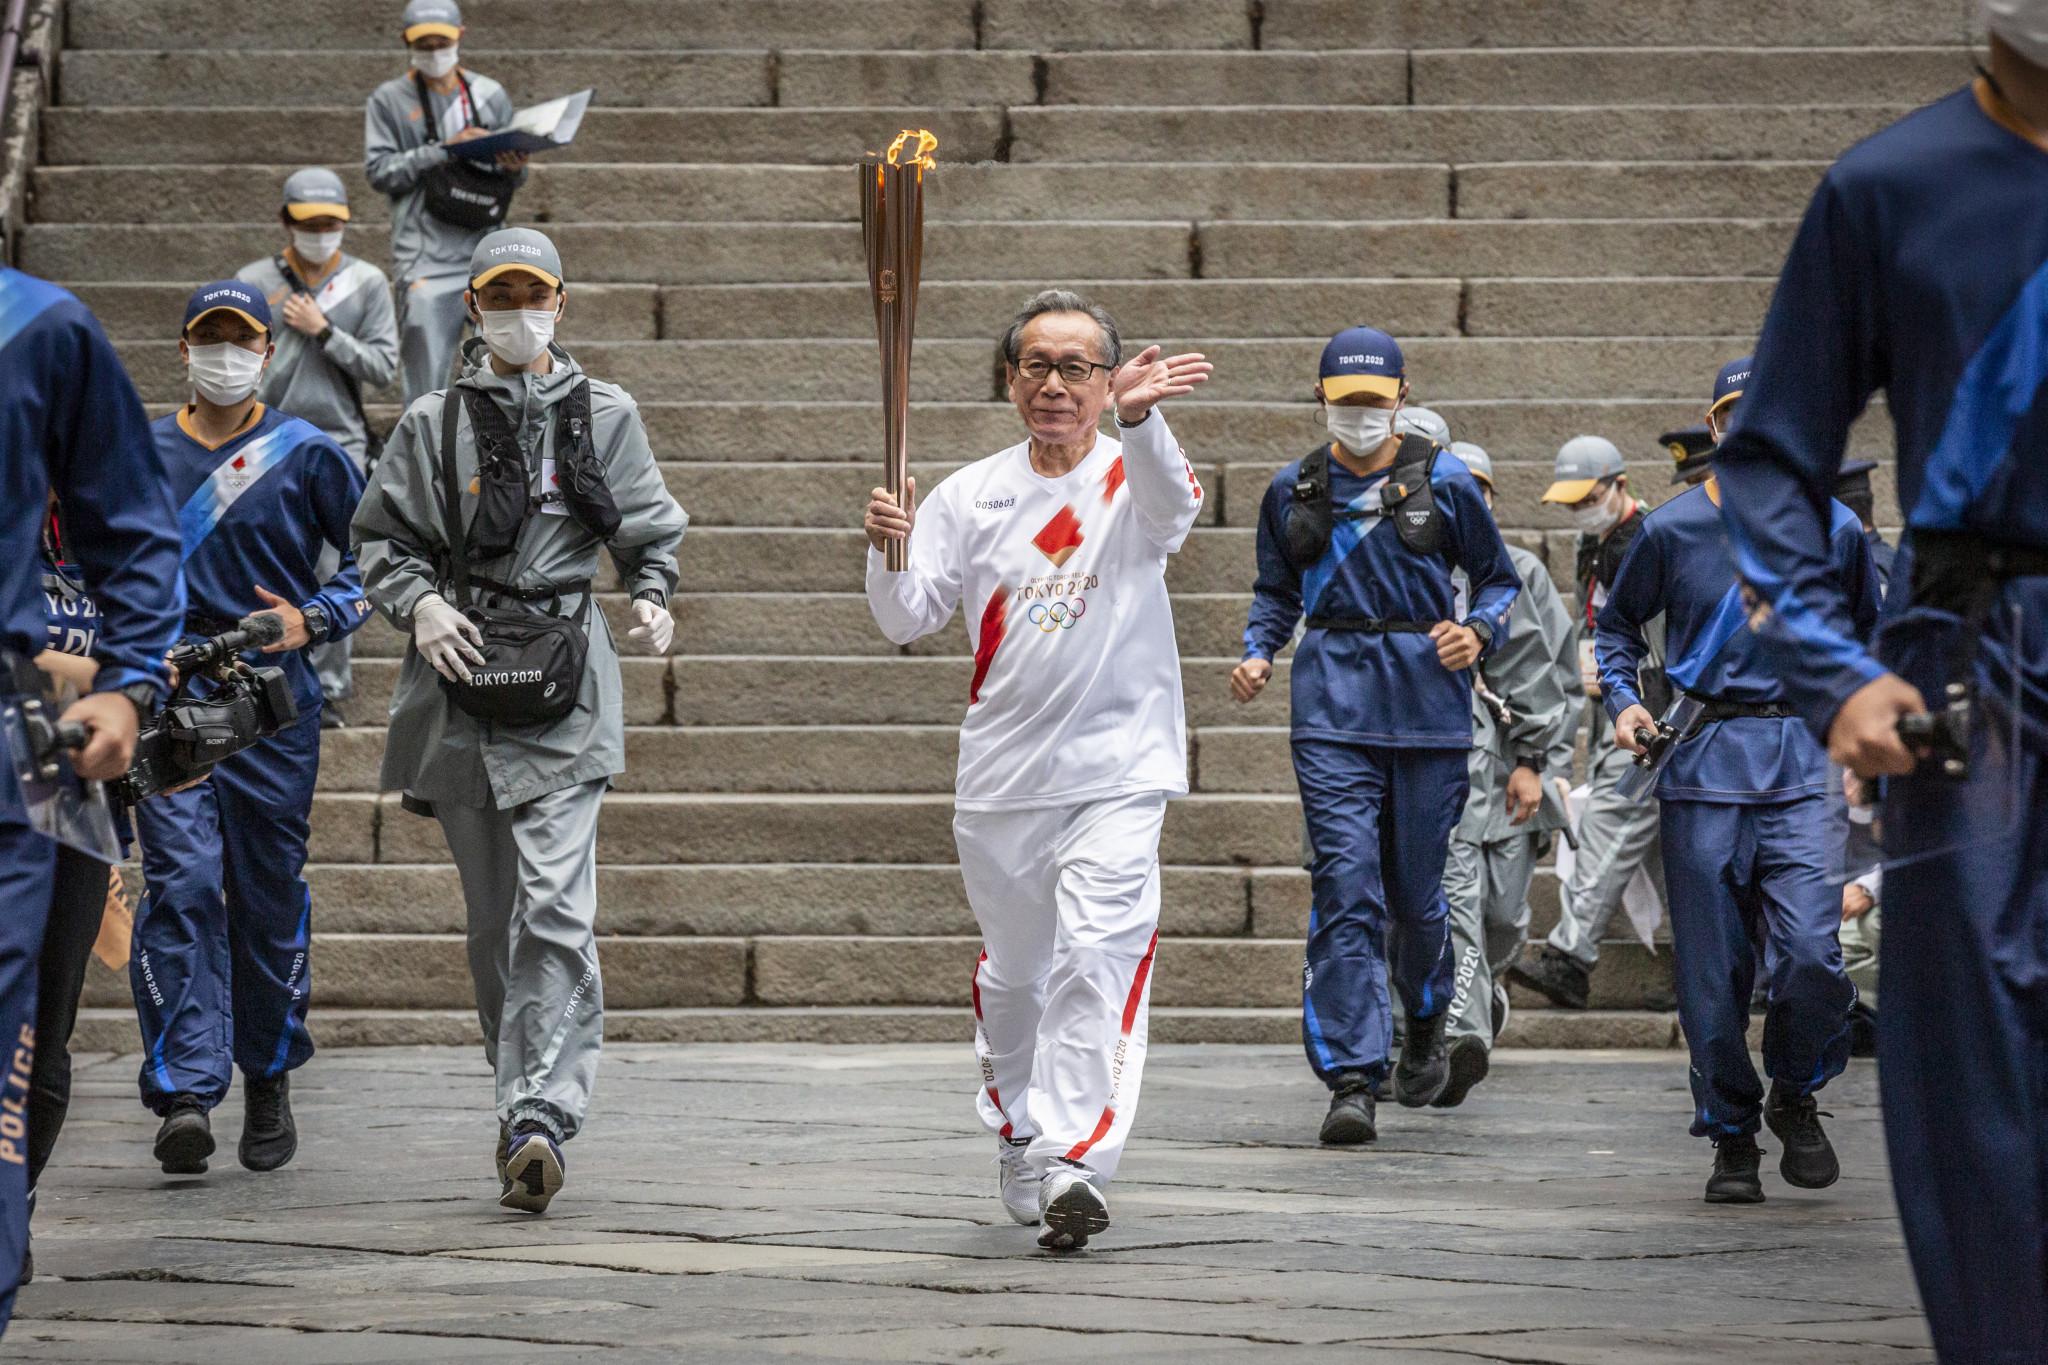 Se cancela relevo de la antorcha en Osaka debido al aumento de coronavirus